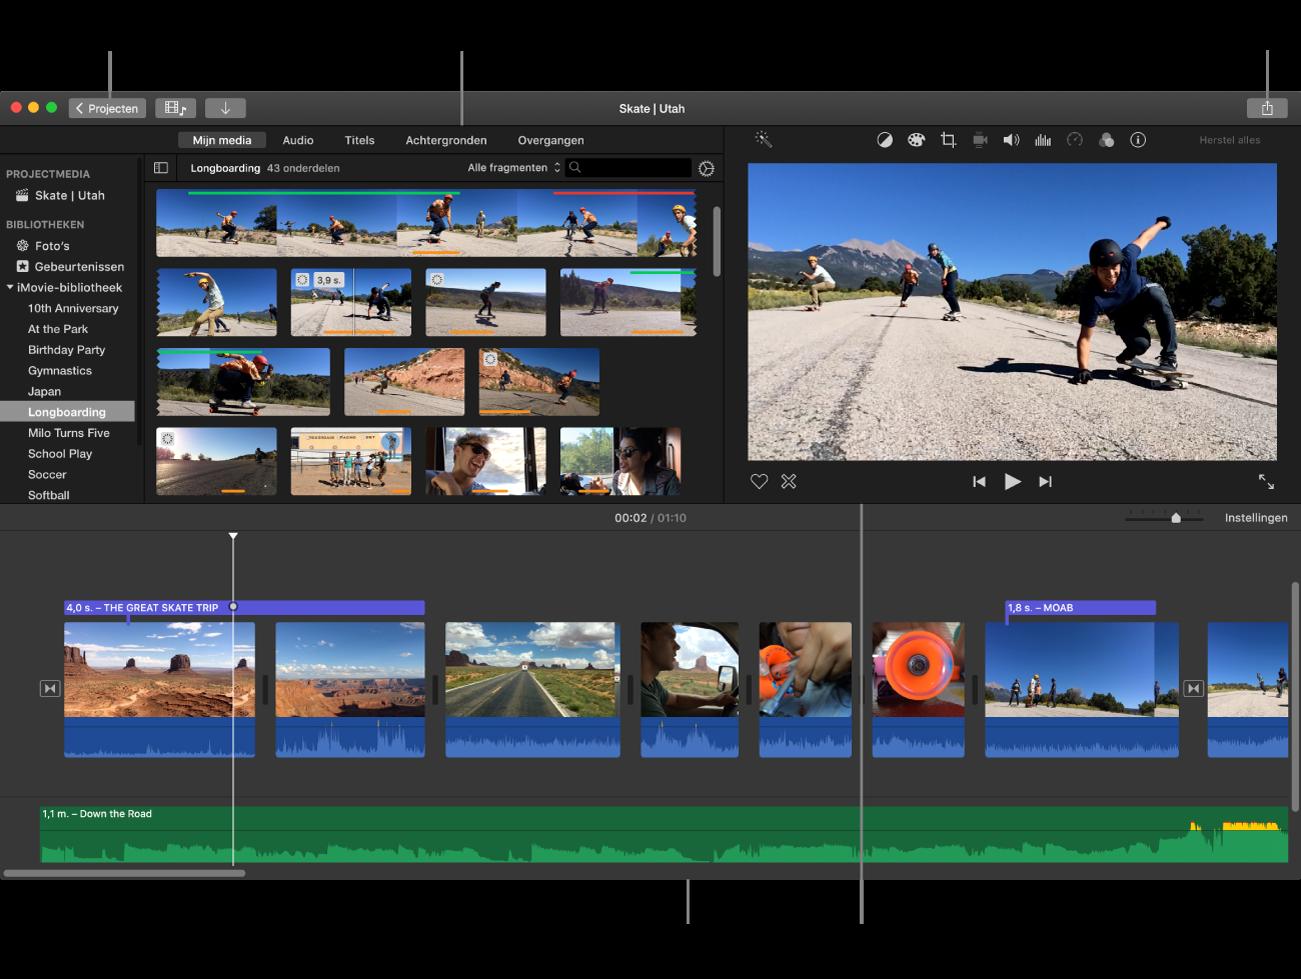 Hoofdvenster van iMovie met linksboven de kiezer, rechtsboven het weergavevenster en onderin de tijdbalk